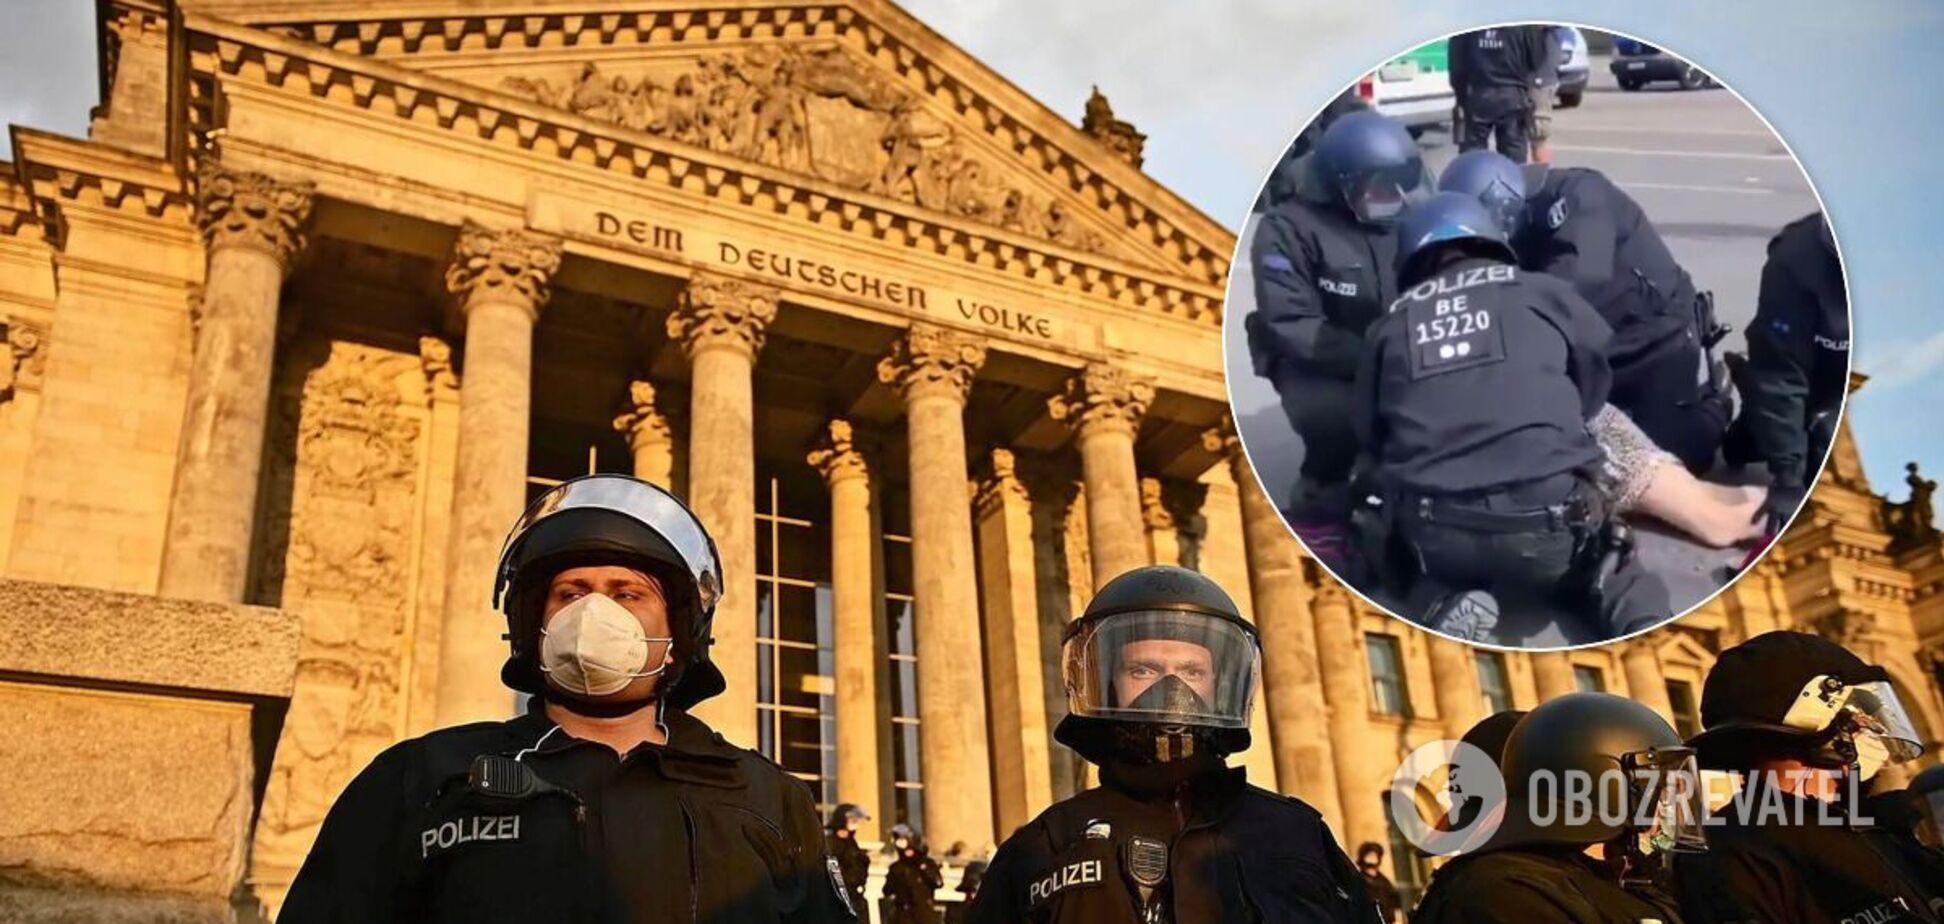 В Берлине полицейский избил женщину